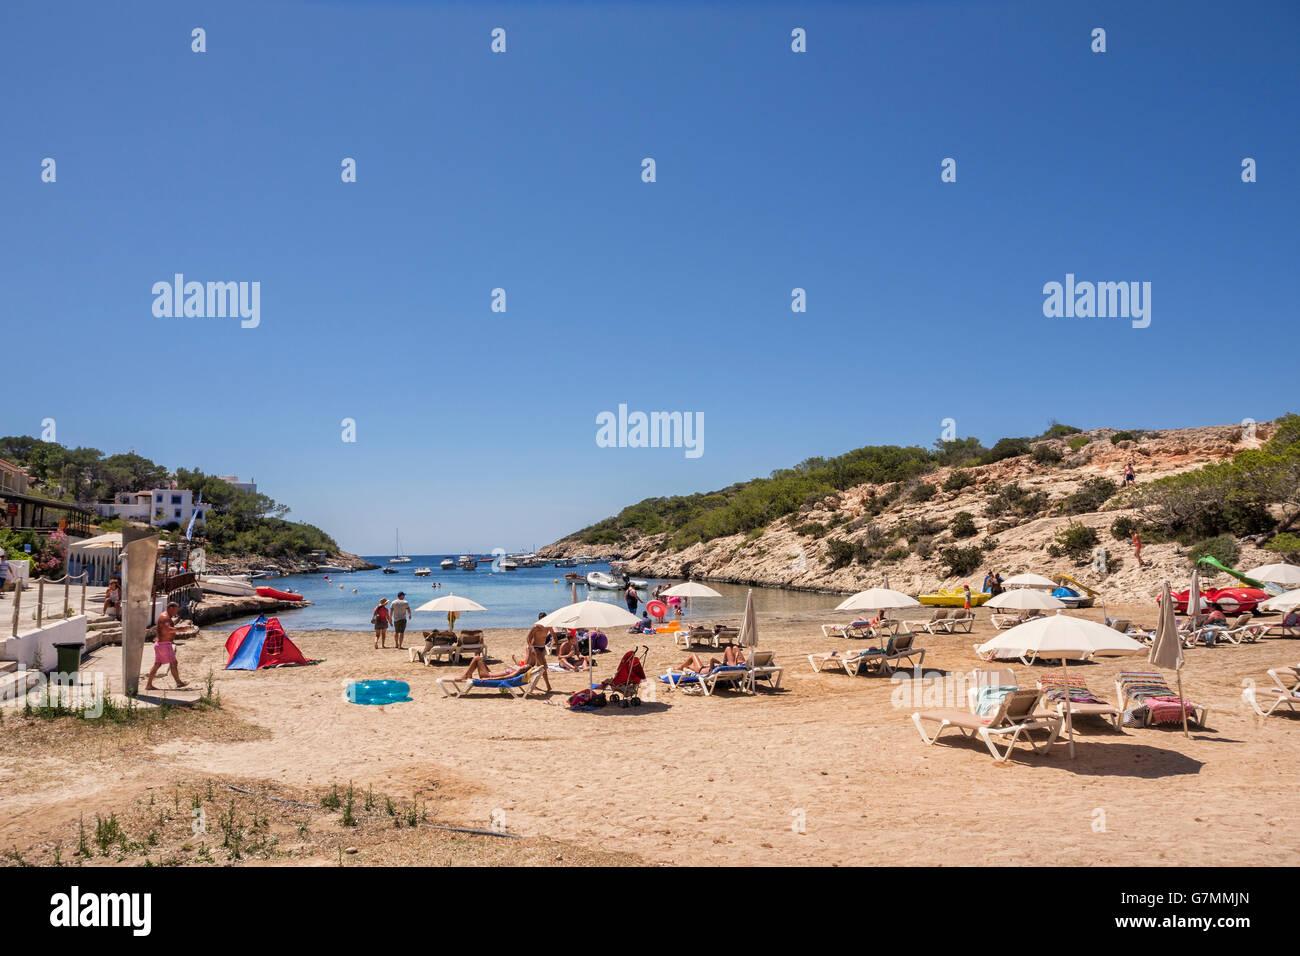 La spiaggia di Portinatx, Ibiza, Spagna. Immagini Stock